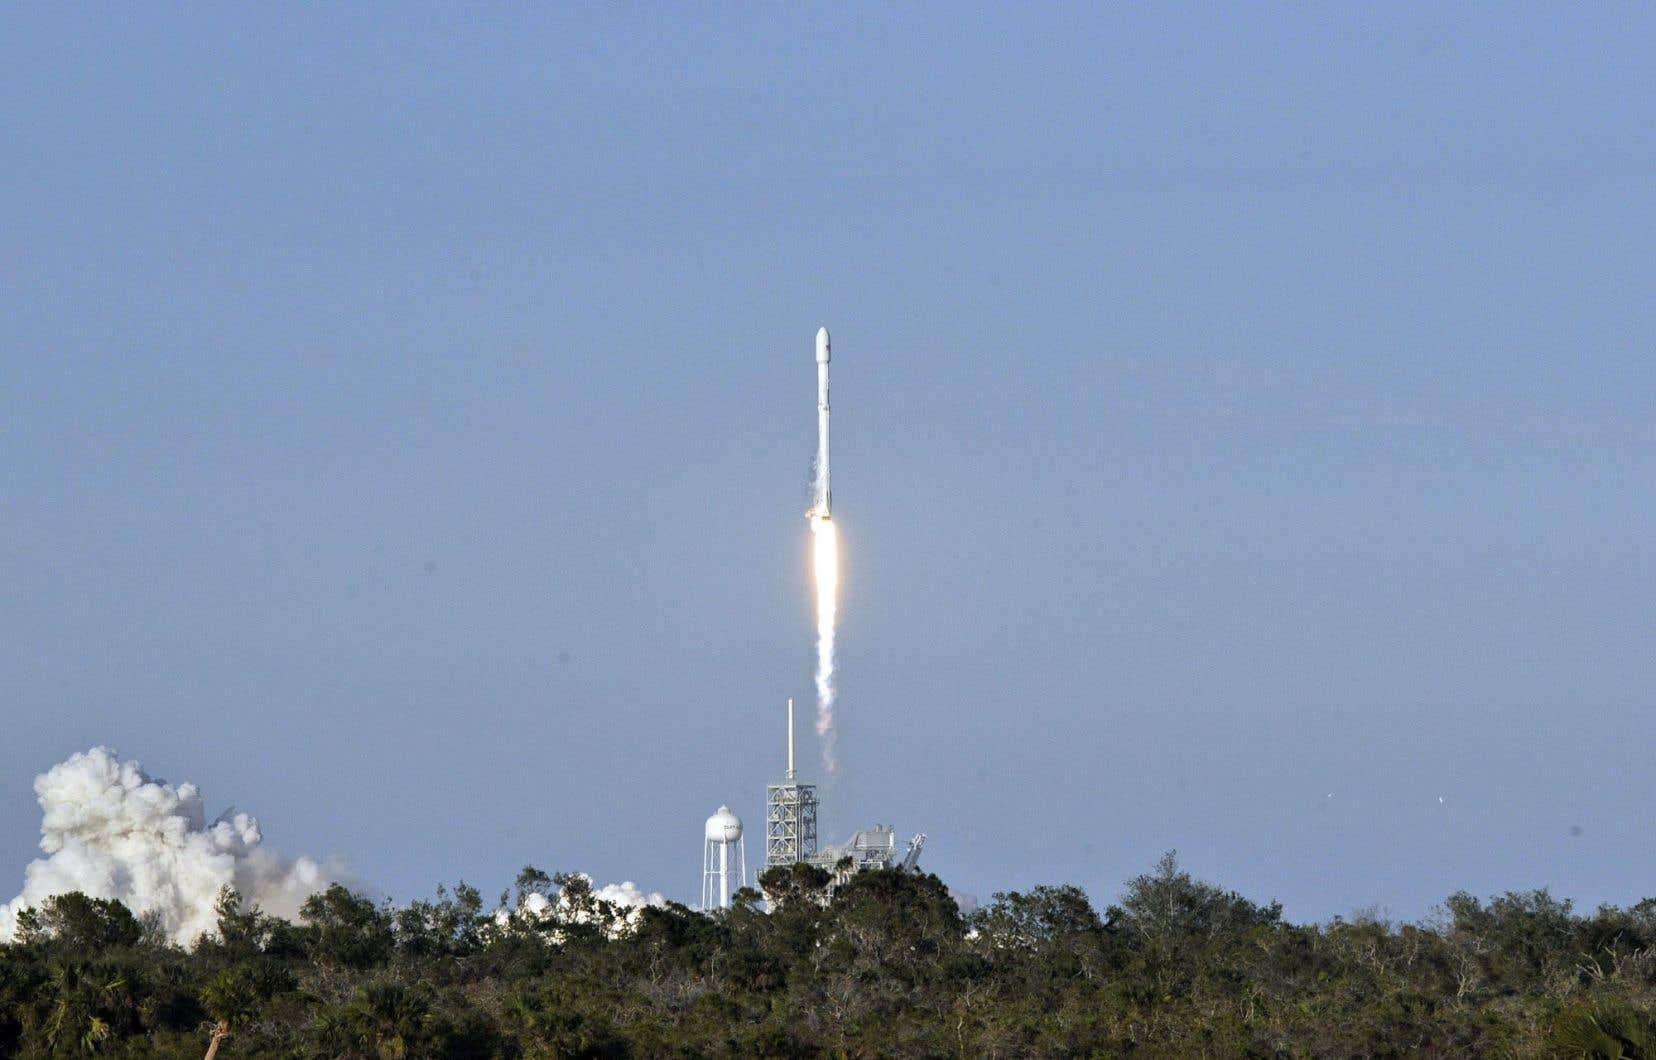 La fusée Falcon 9 de Space X s'élance vers le ciel à partir de la plateforme de lancement 39A au Kennedy Space Center, en Floride, le 30 mars 2017.